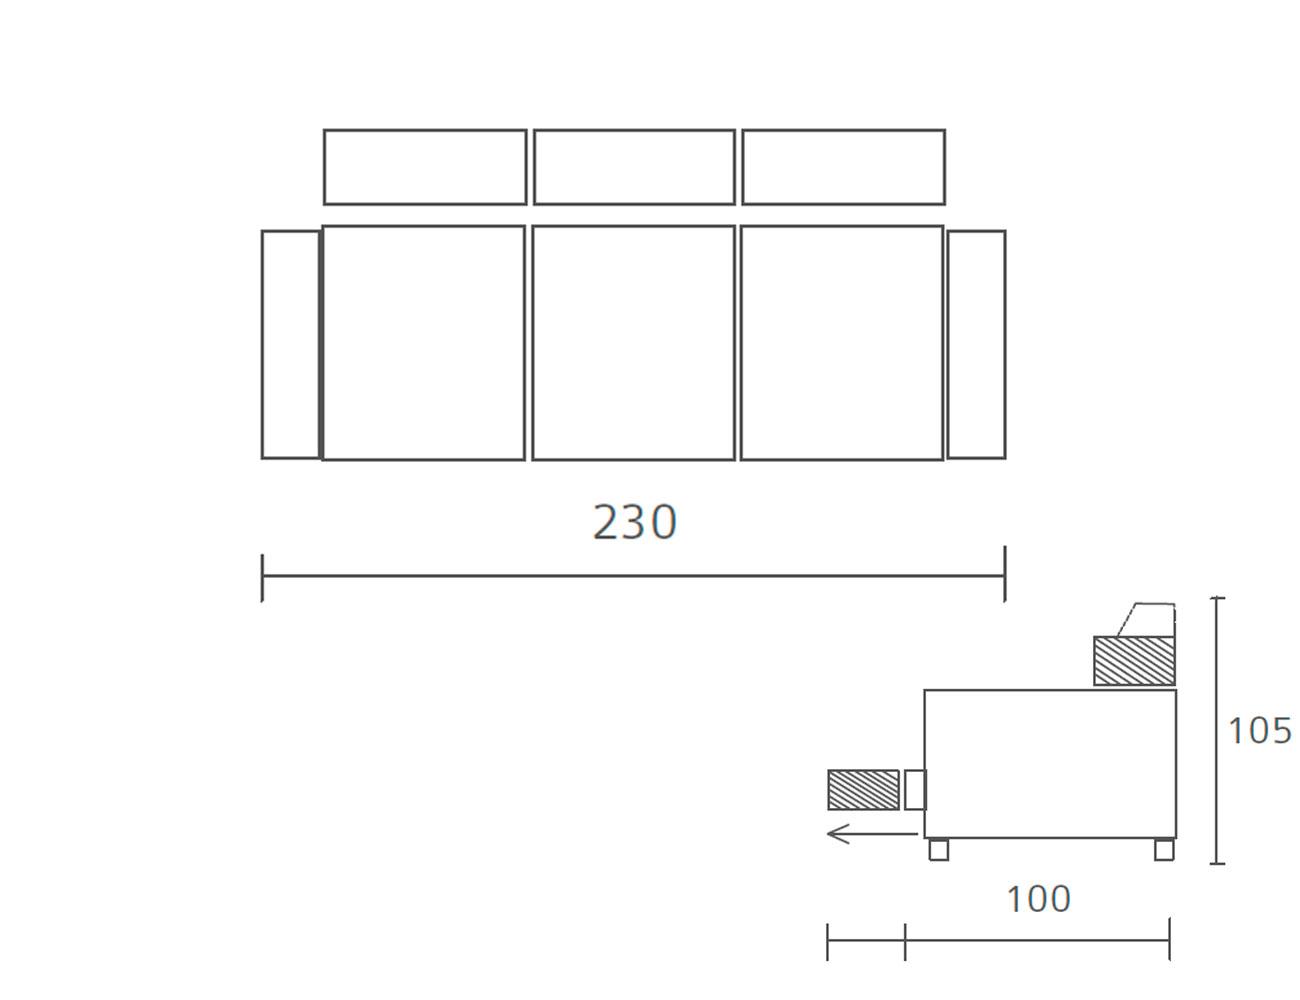 Sofa 230